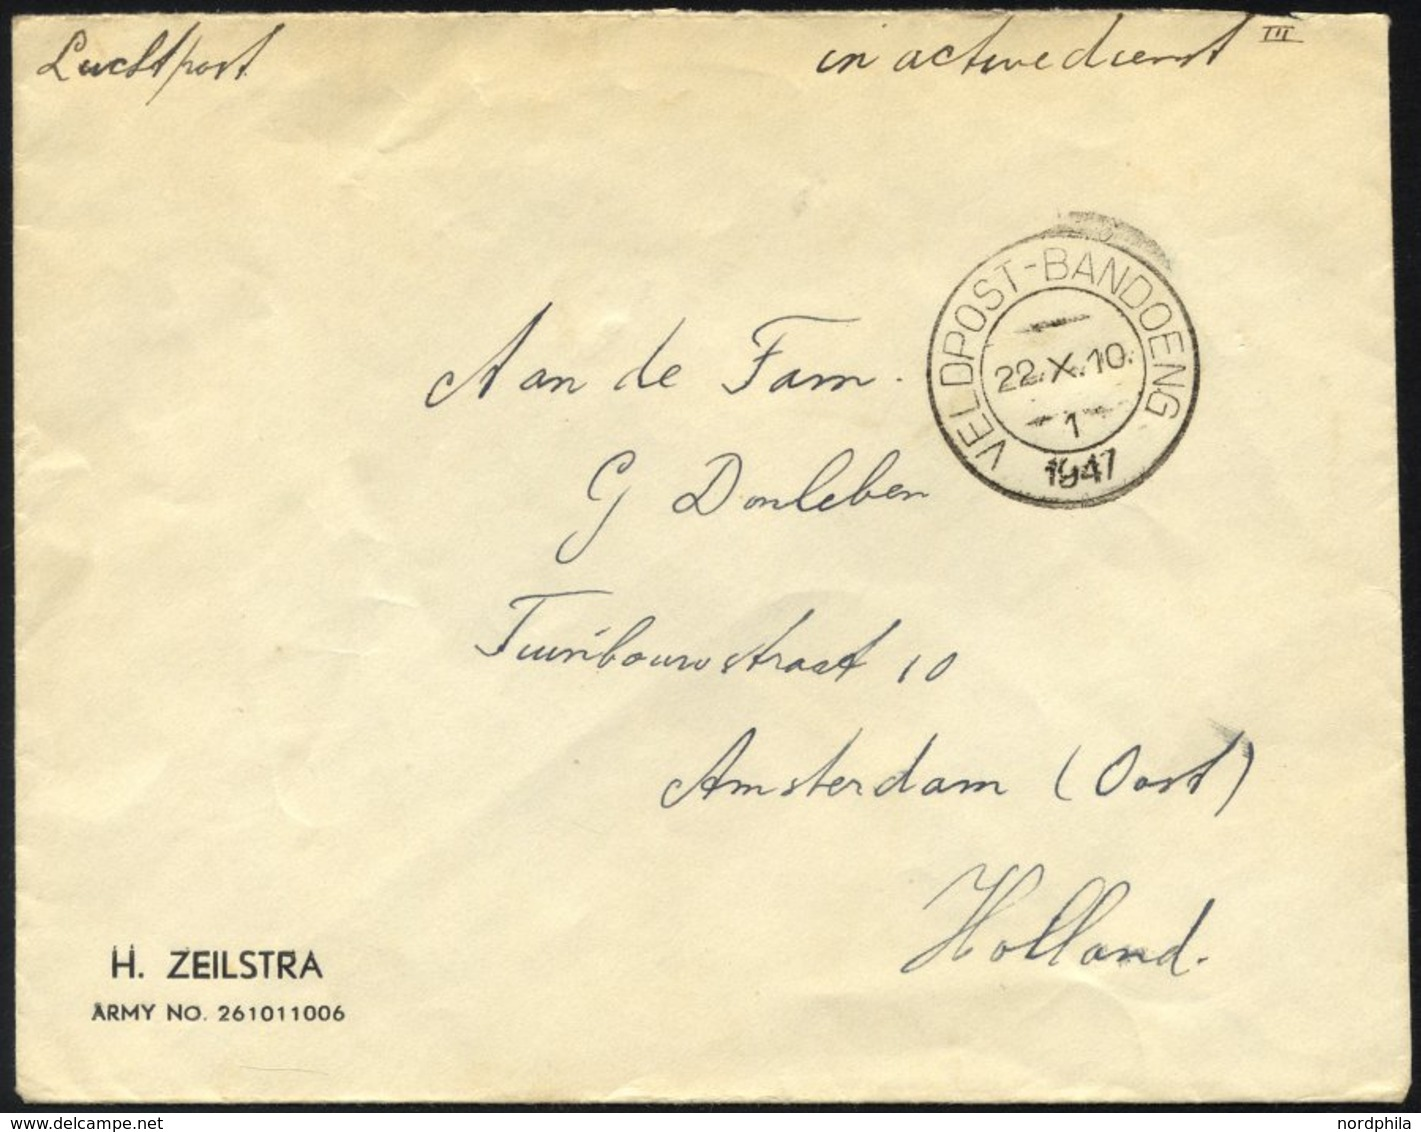 NIEDERLÄNDISCH-INDIEN 1947, K2 VELDPOST BANDOENG/1/1947 Und Handschriftlicher Vermerk In Active Dienst Auf Luft-Feldpost - Niederländisch-Indien